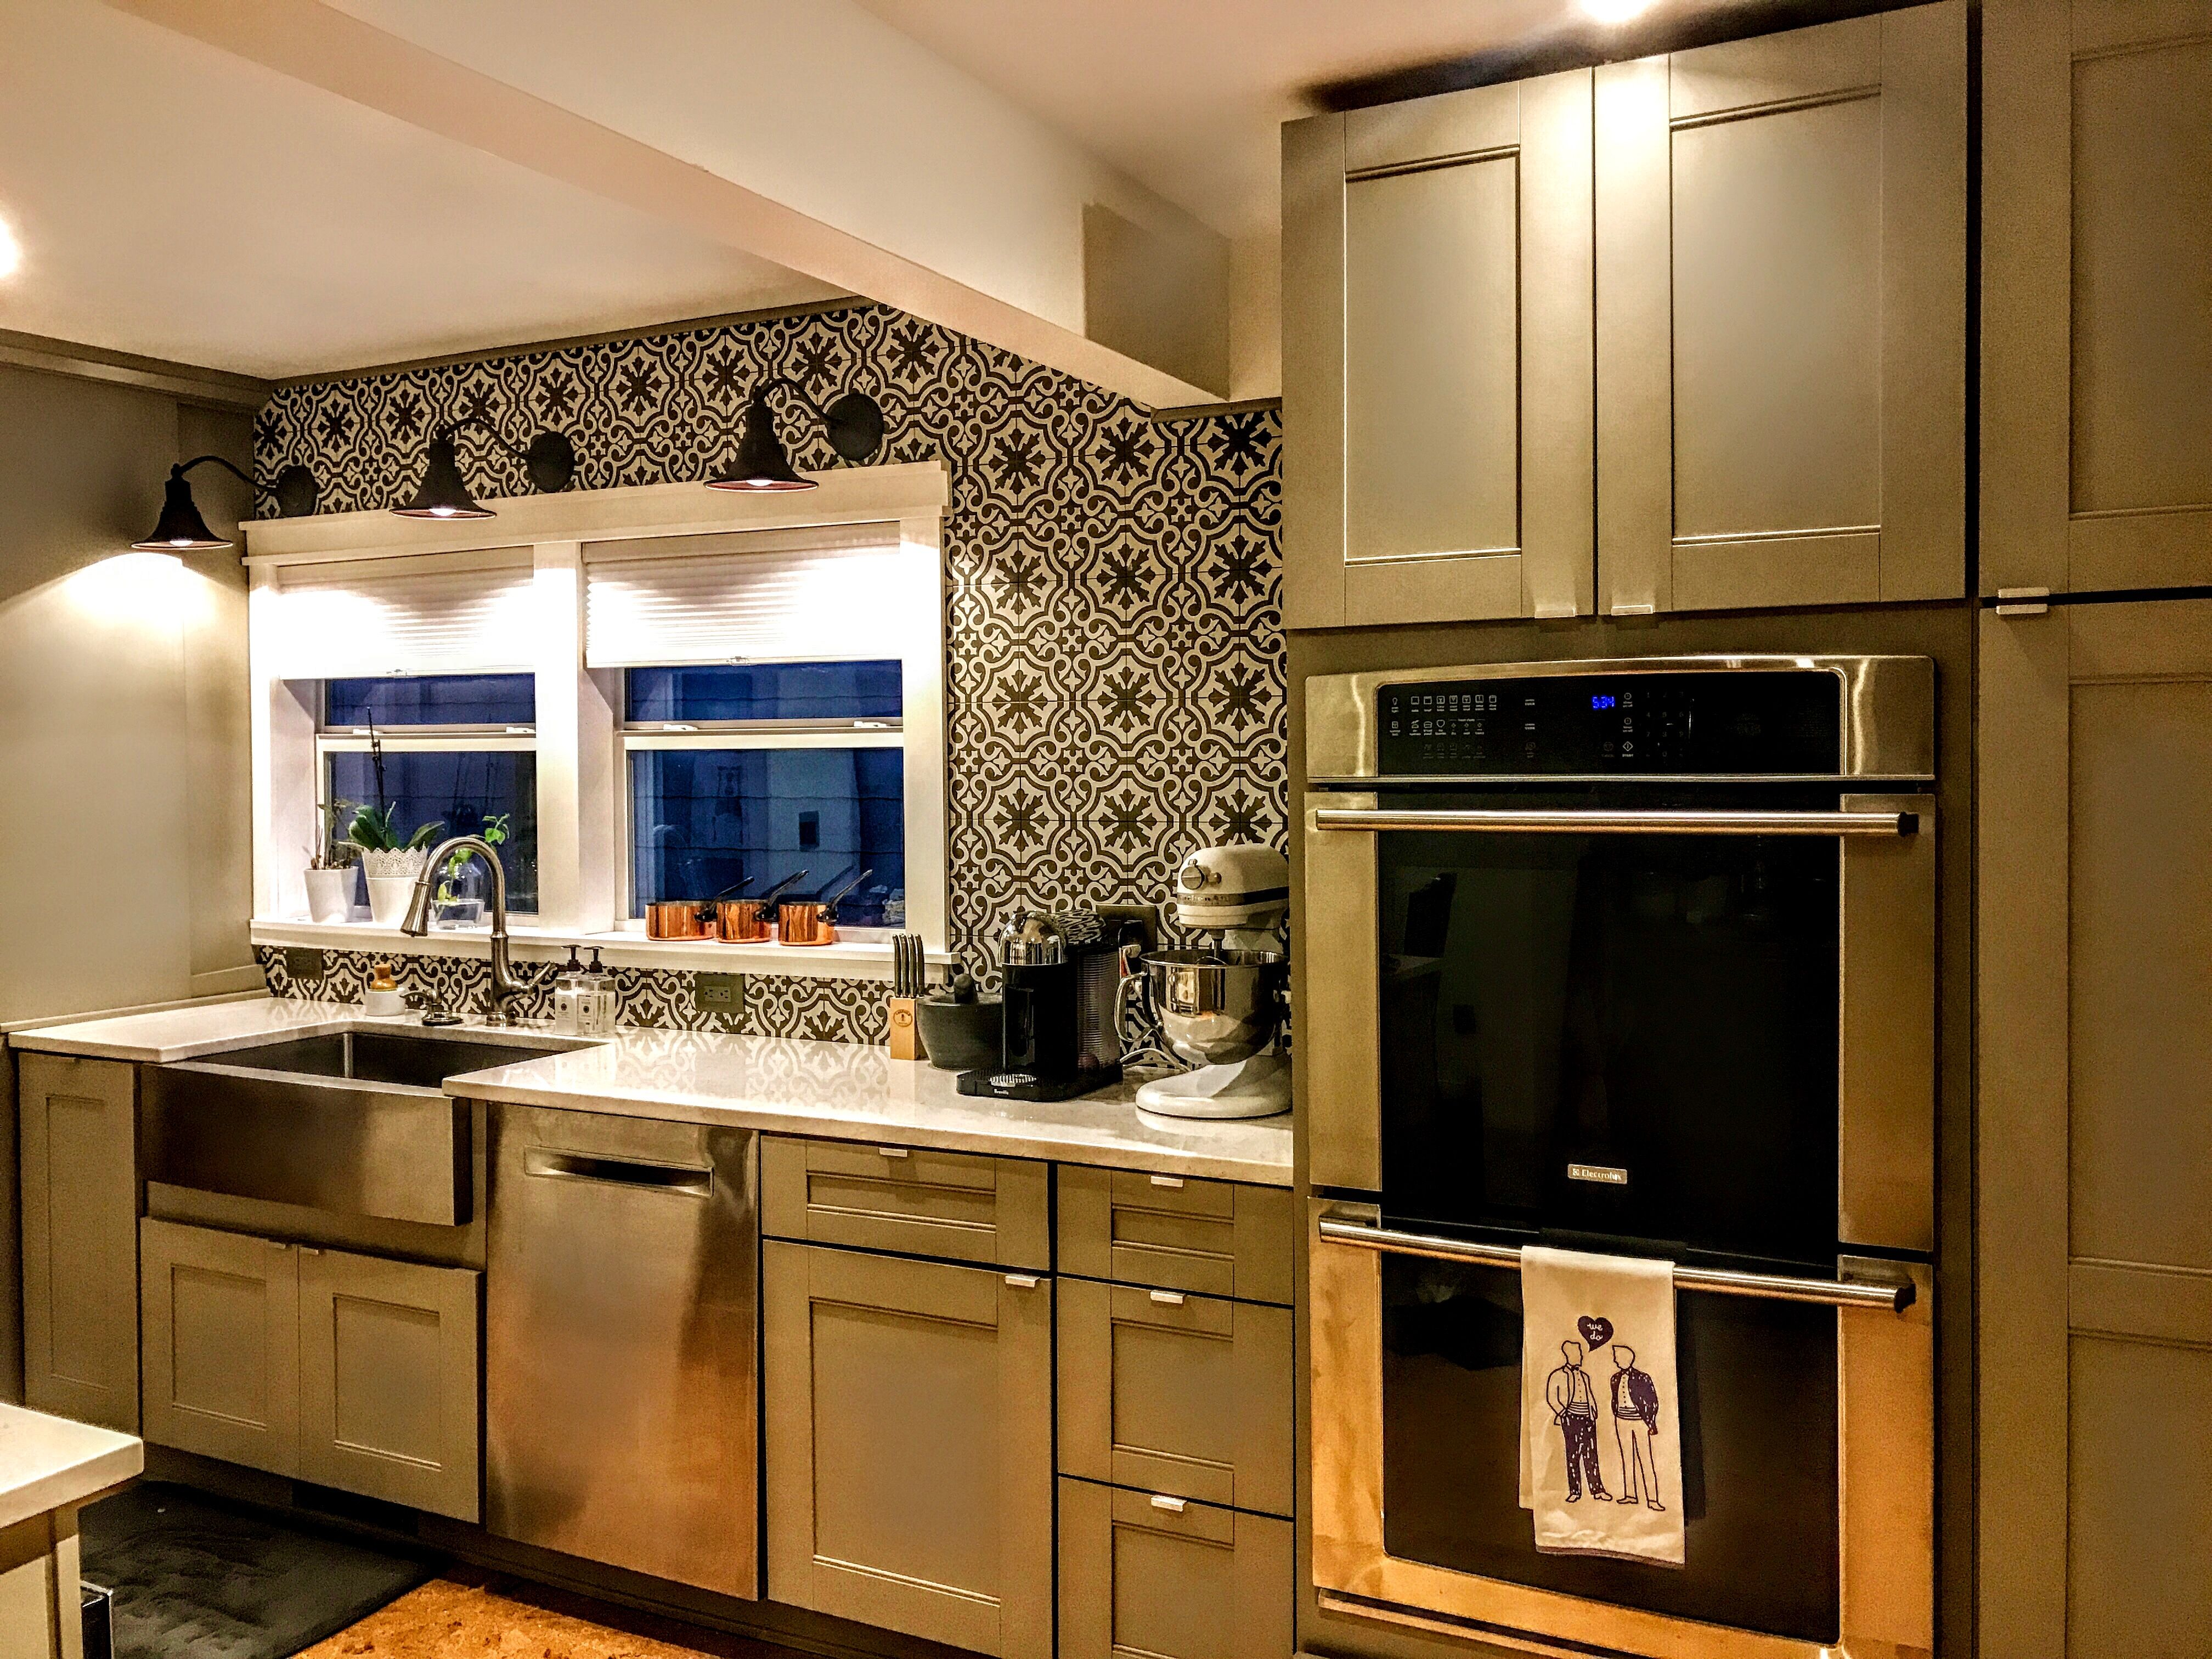 Martha Stewart Kitchen cabinets | Kitchen cabinets, Martha ...